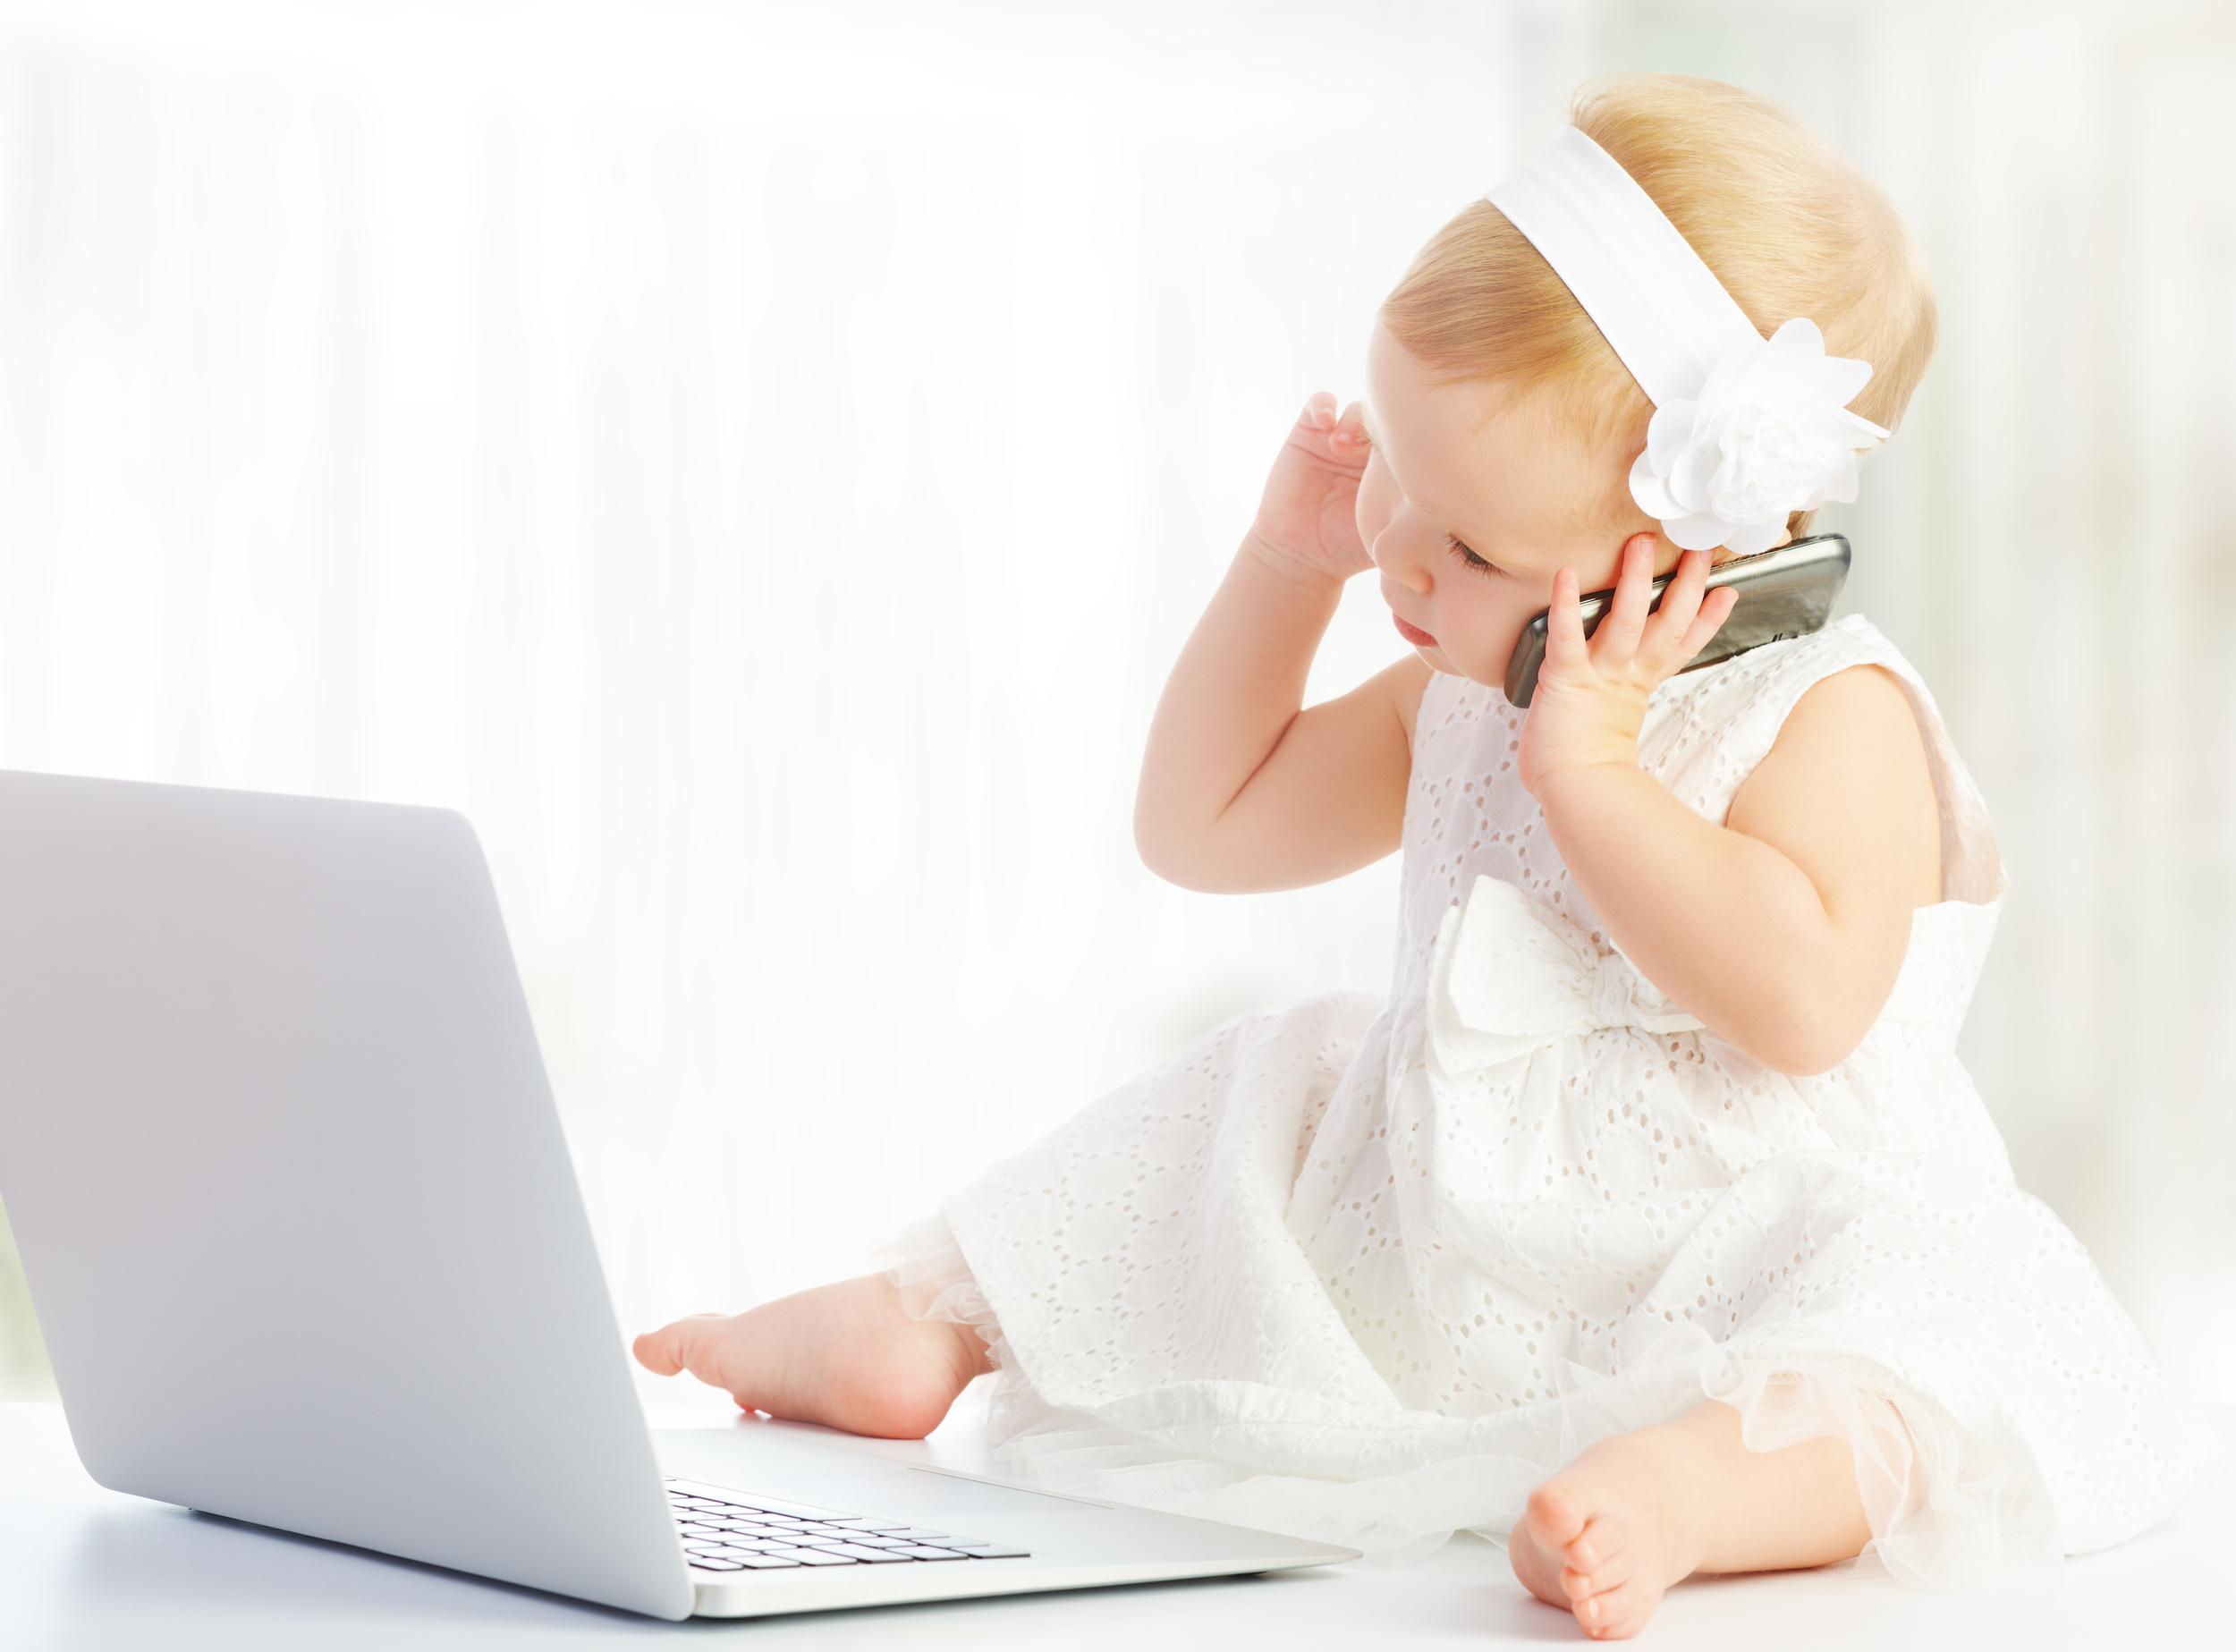 bambina con computer e smartphone